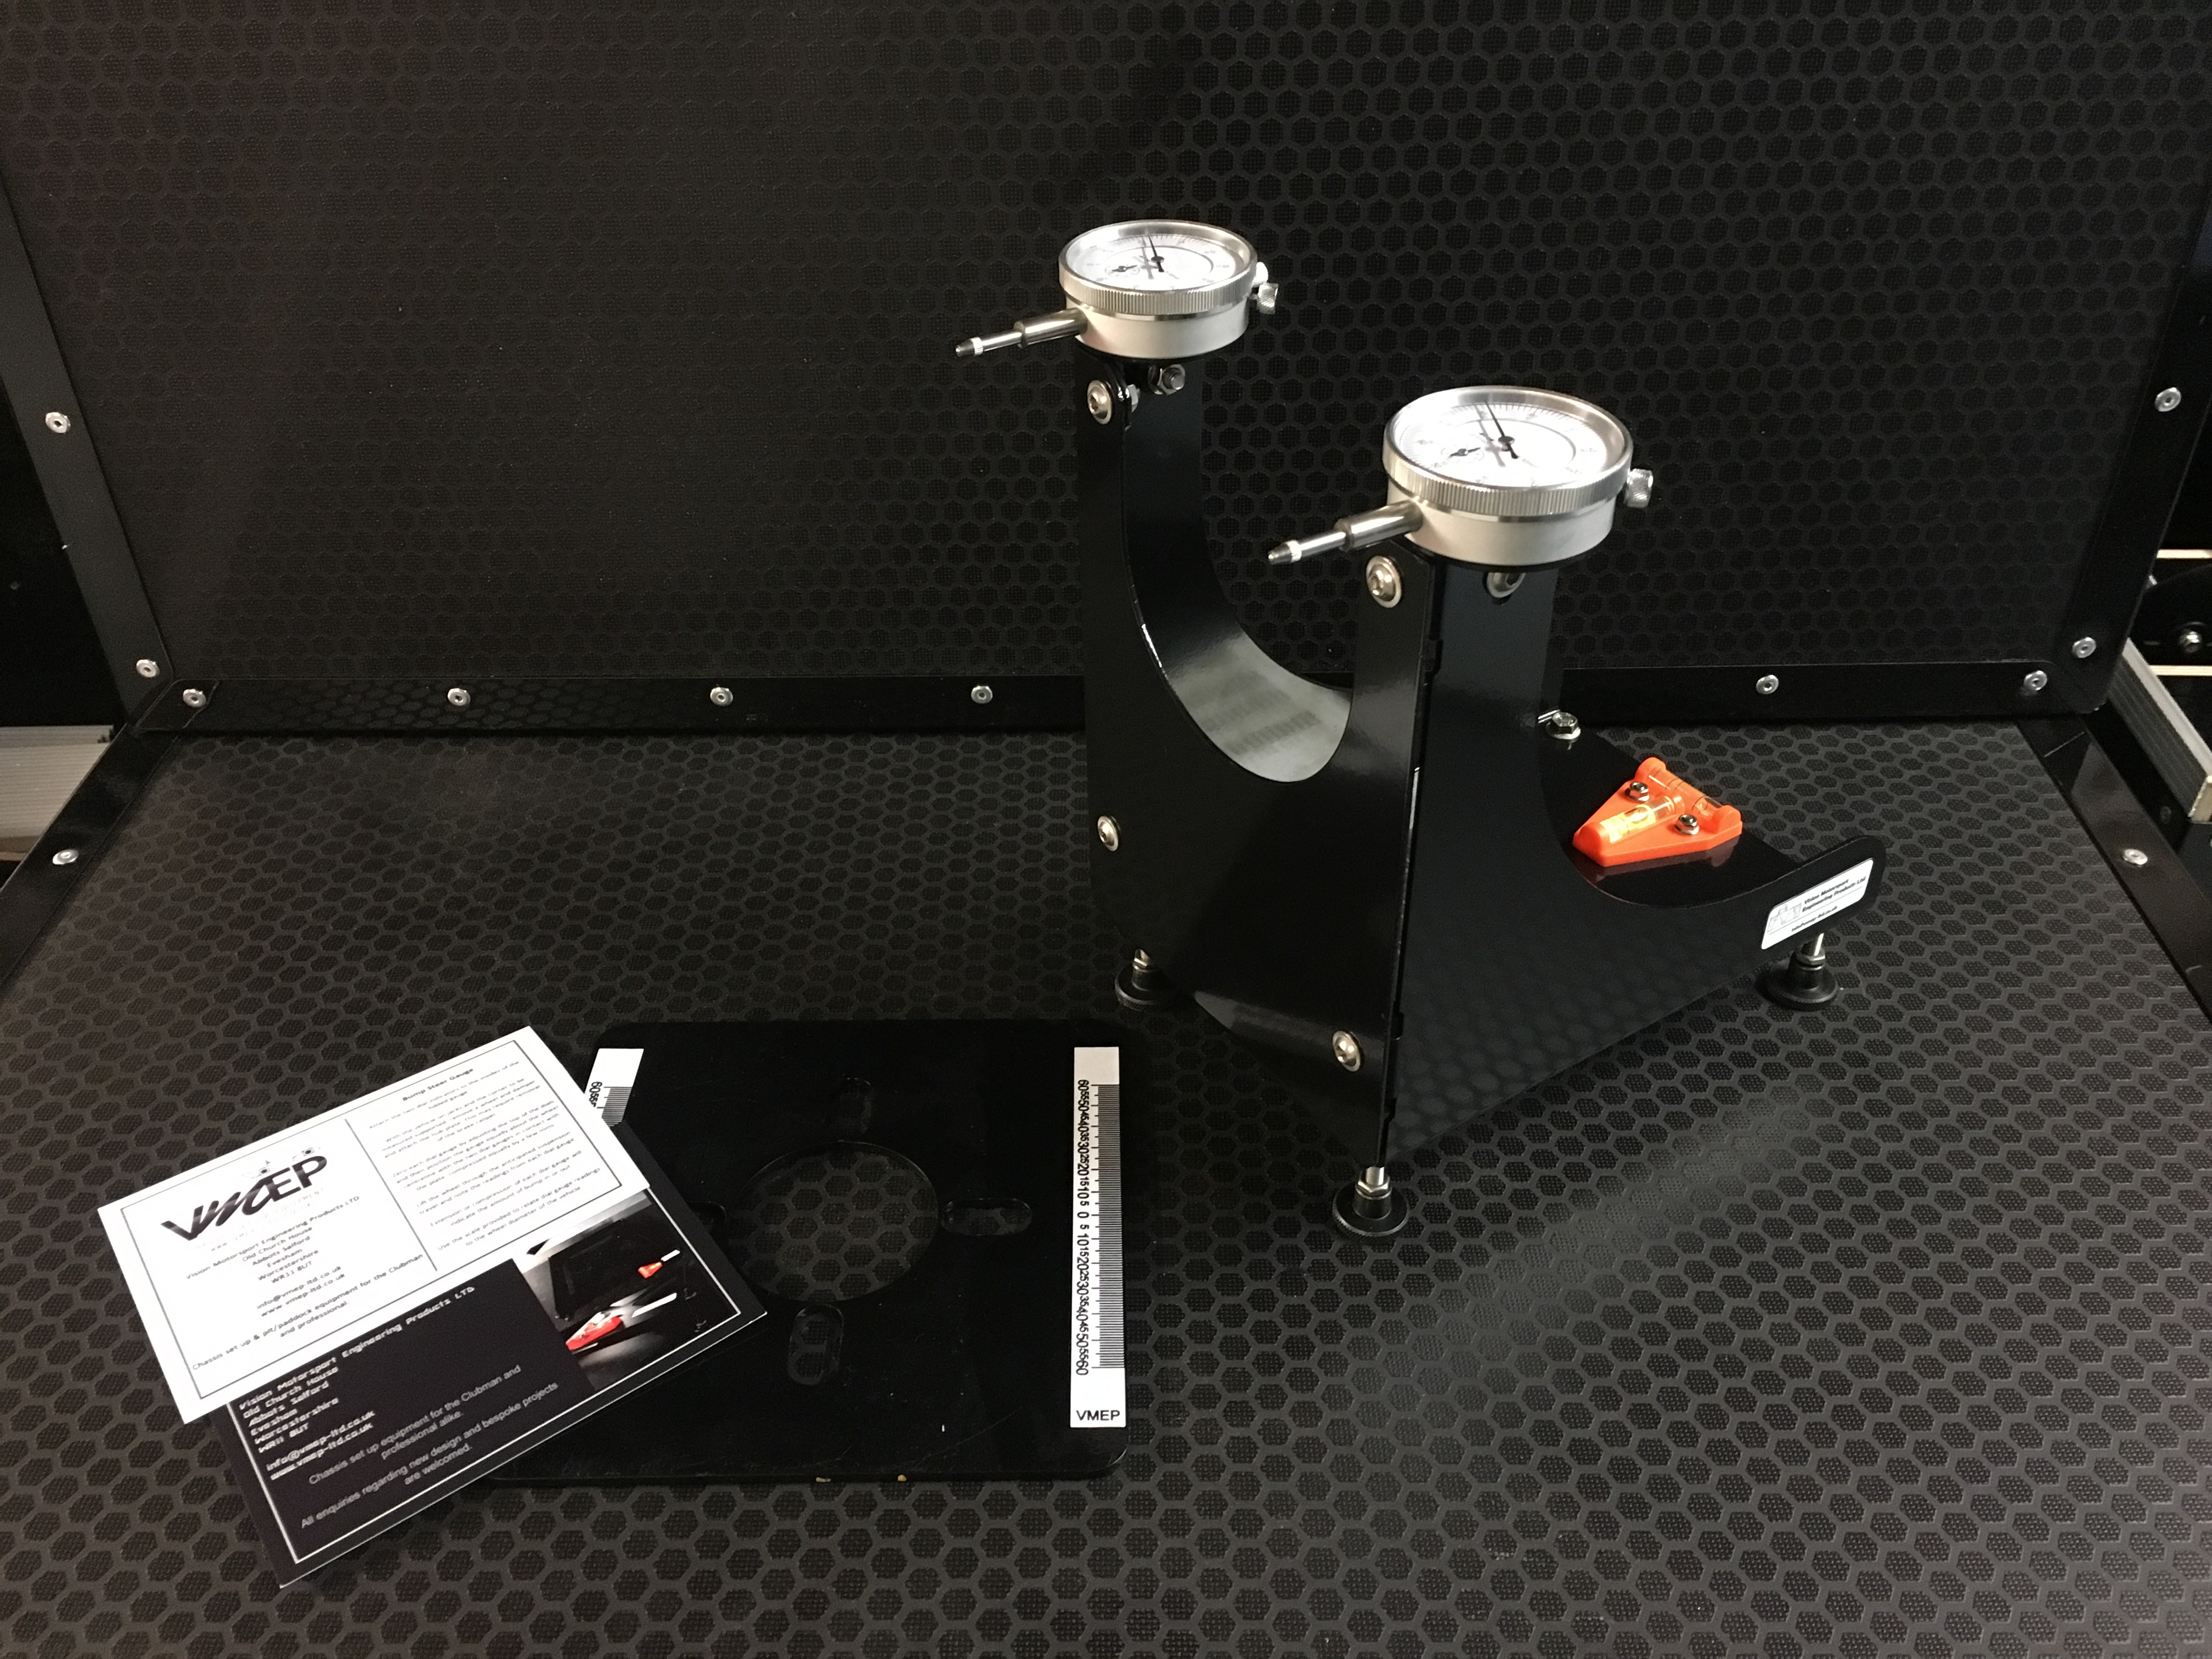 Motorsport bump steer gauge